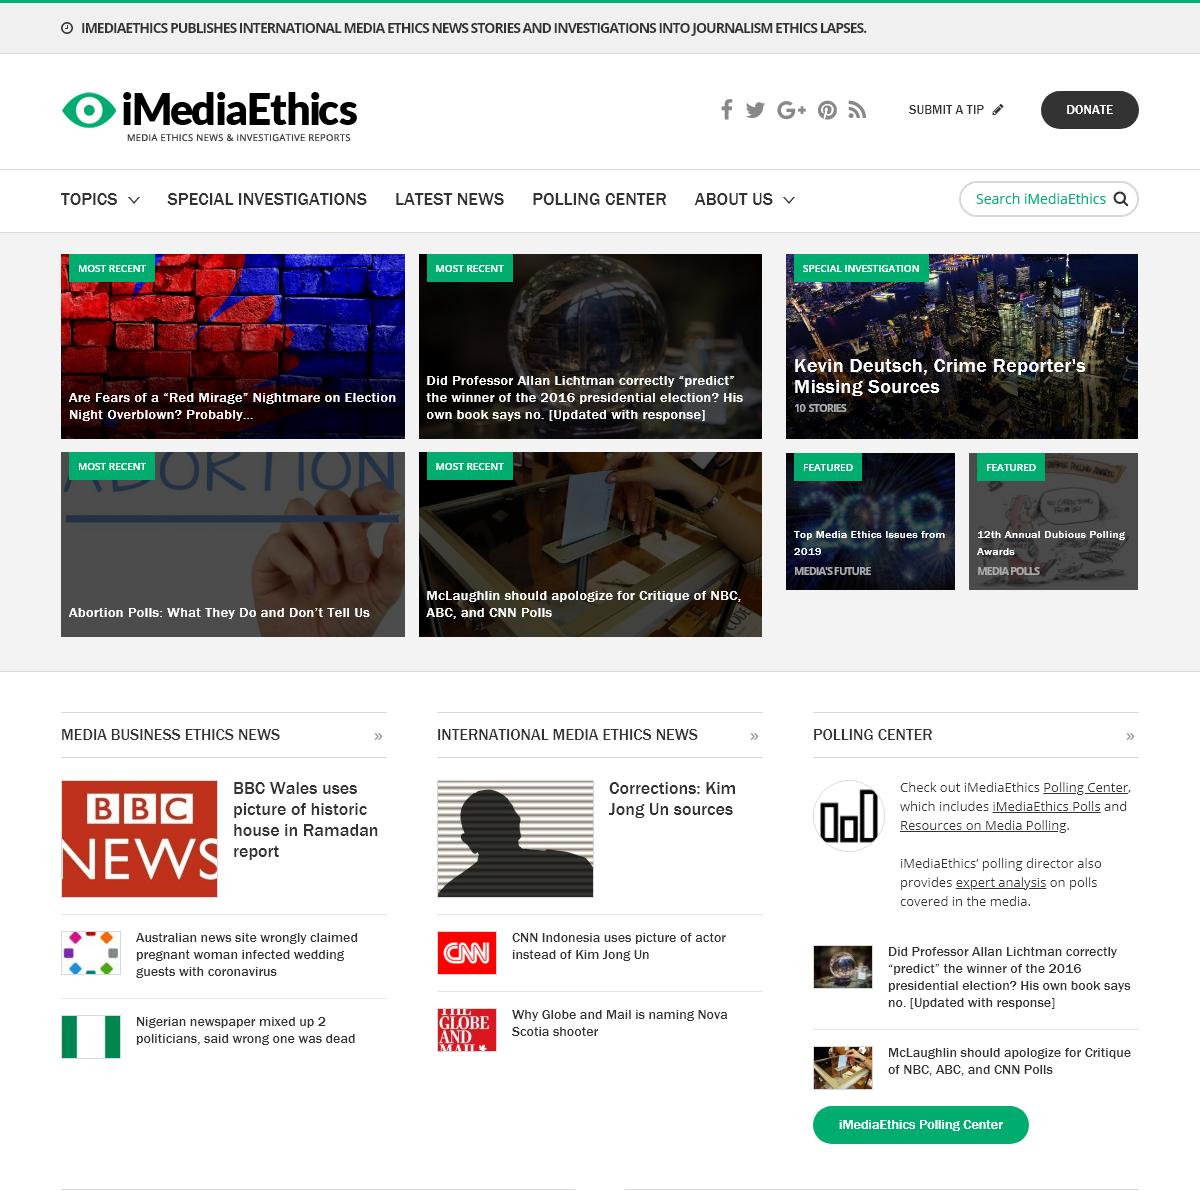 iMediaEthics - Media Ethics News, Plagiarism, Libel & Fake News